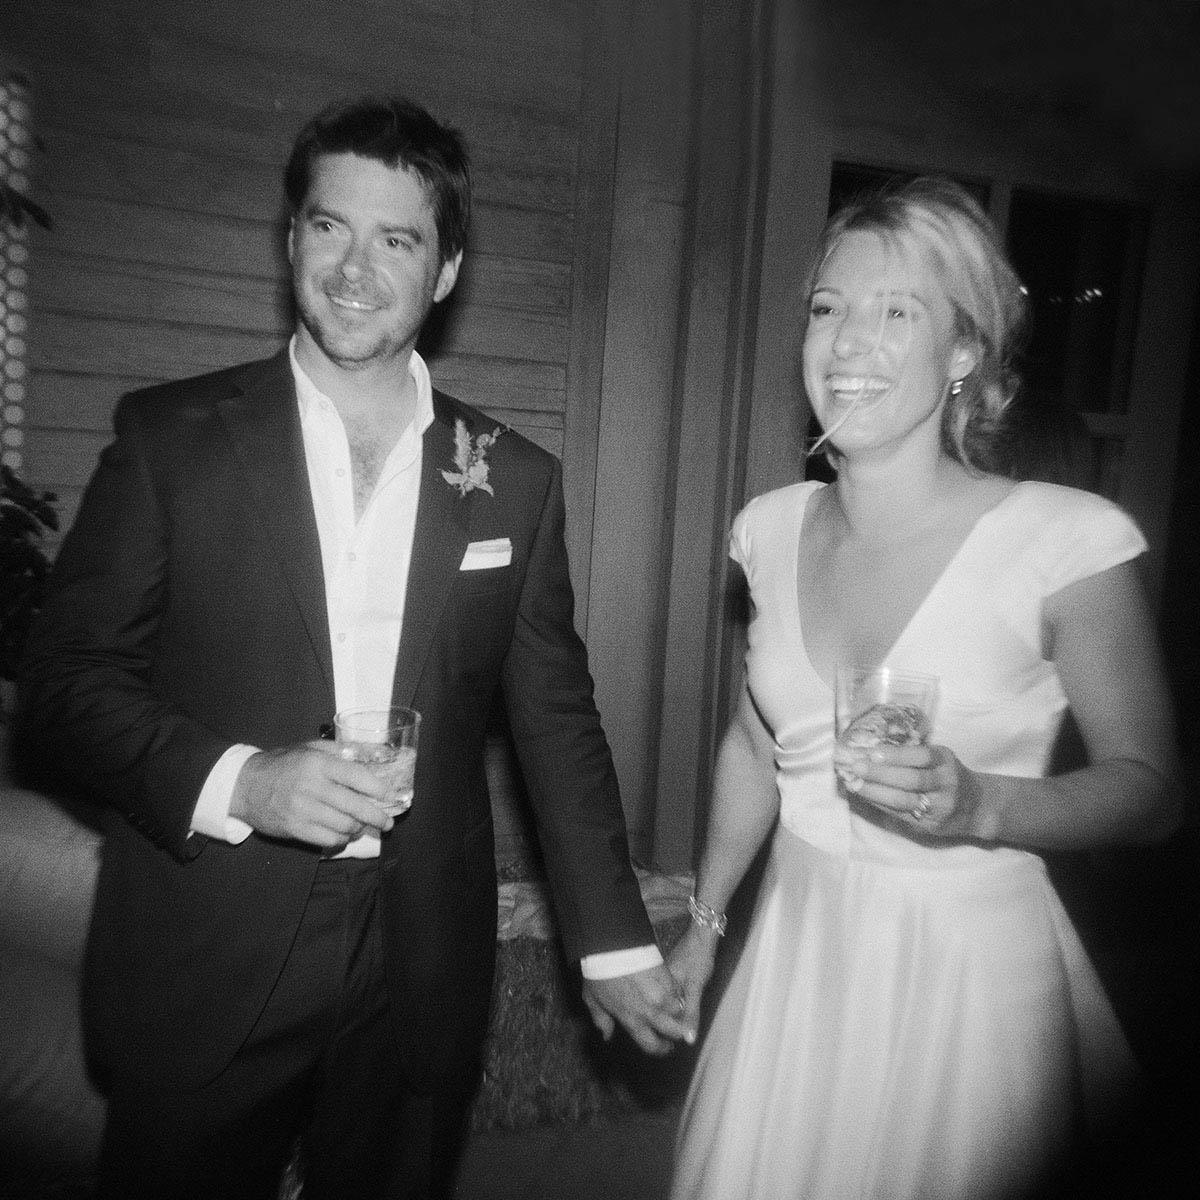 43-bride-groom-holga.jpg